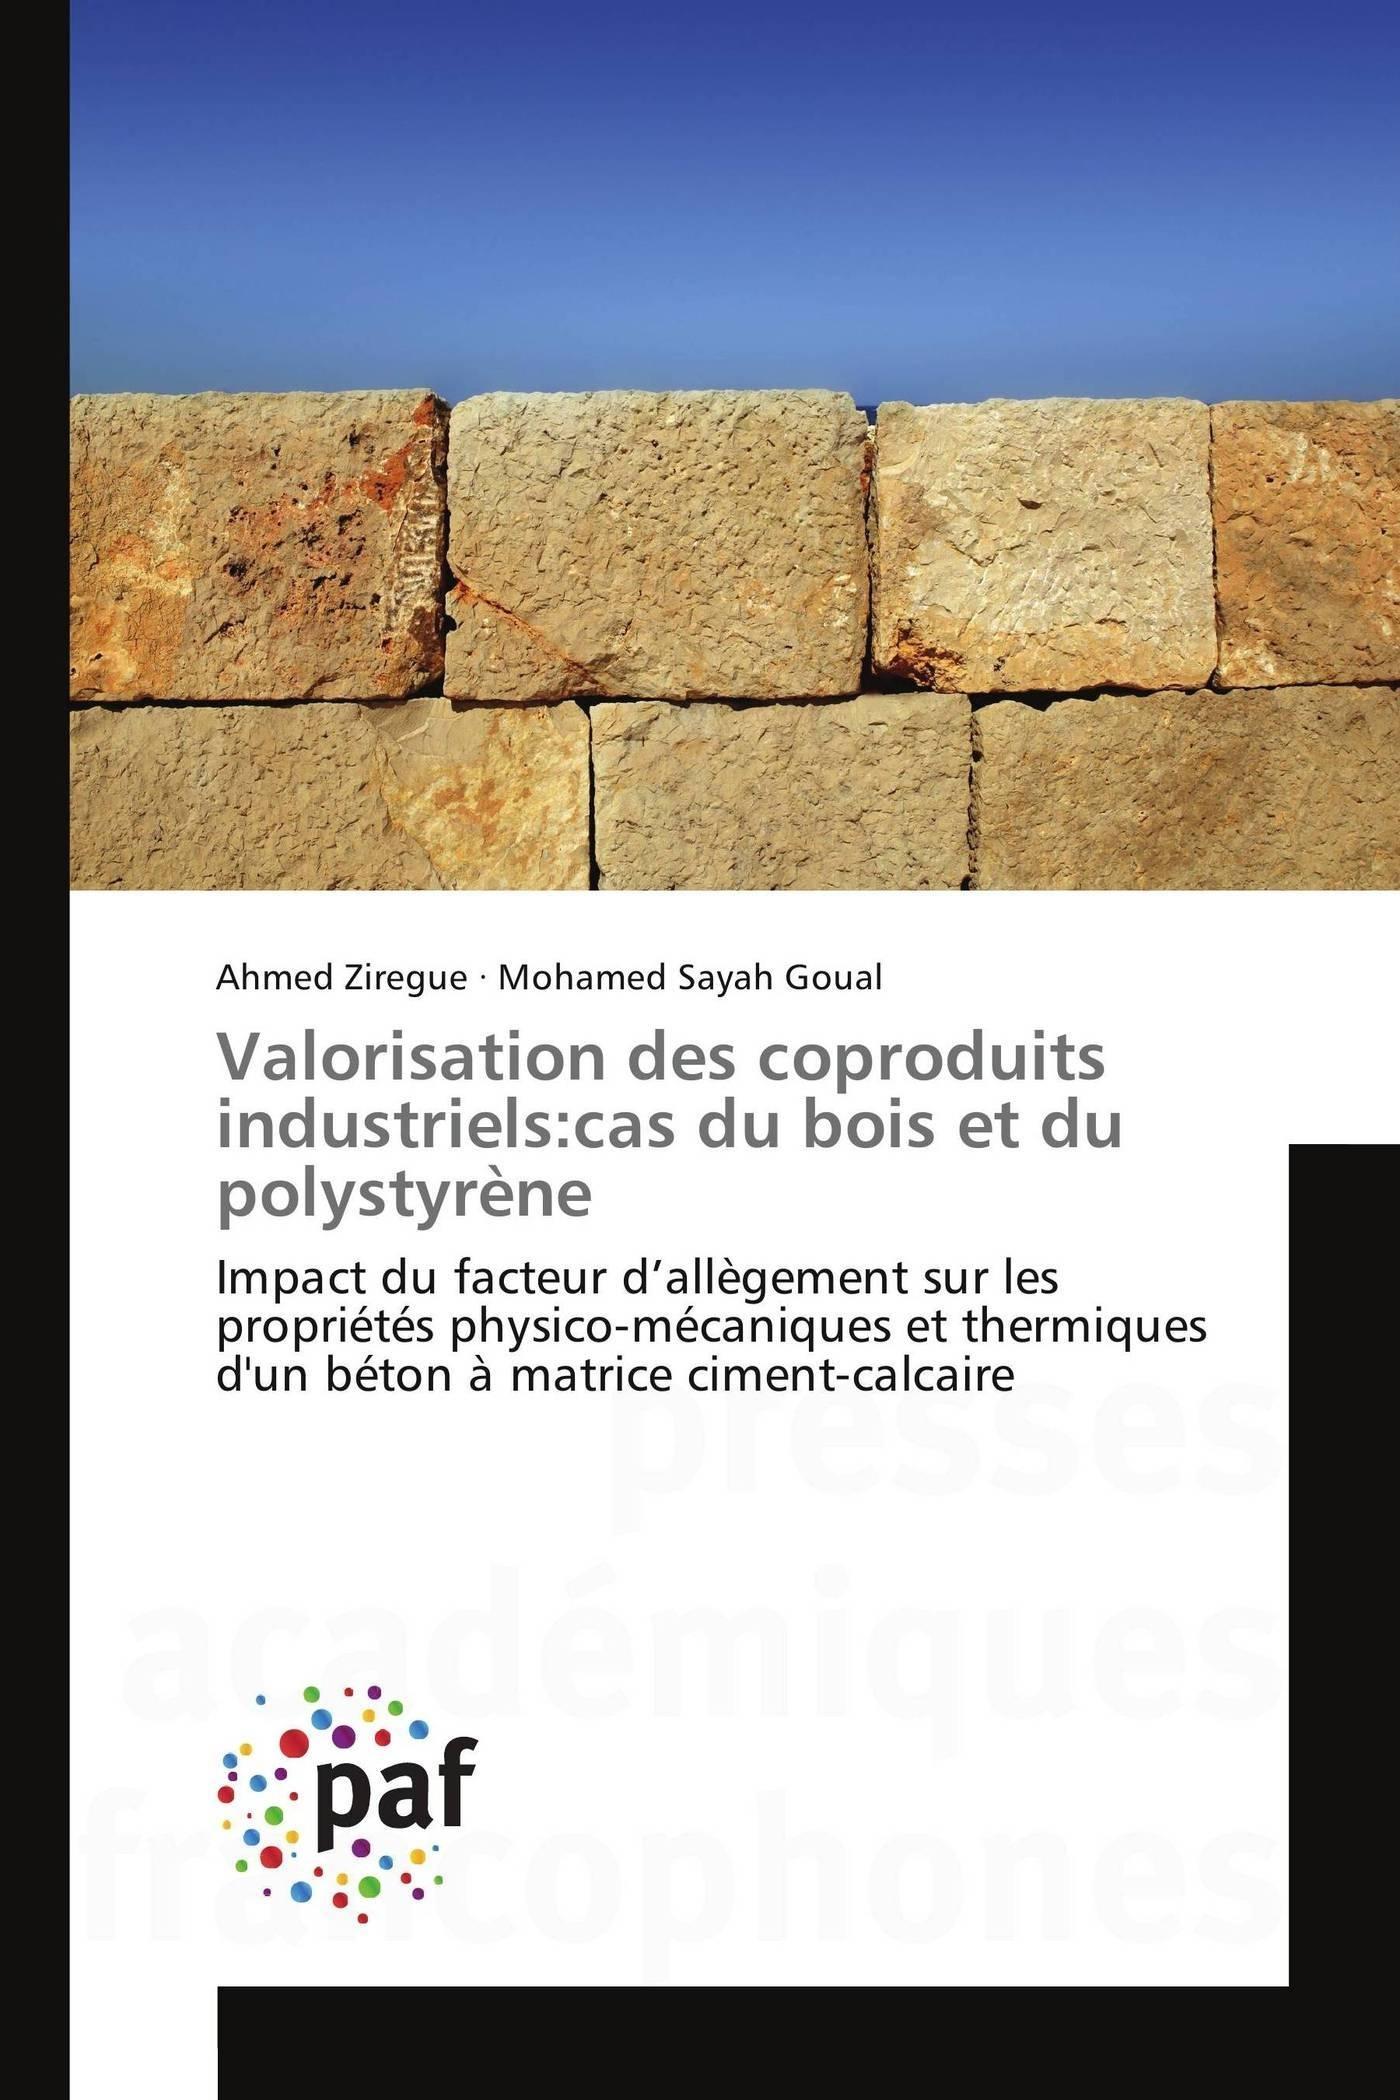 VALORISATION DES COPRODUITS INDUSTRIELS:CAS DU BOIS ET DU POLYSTYRENE